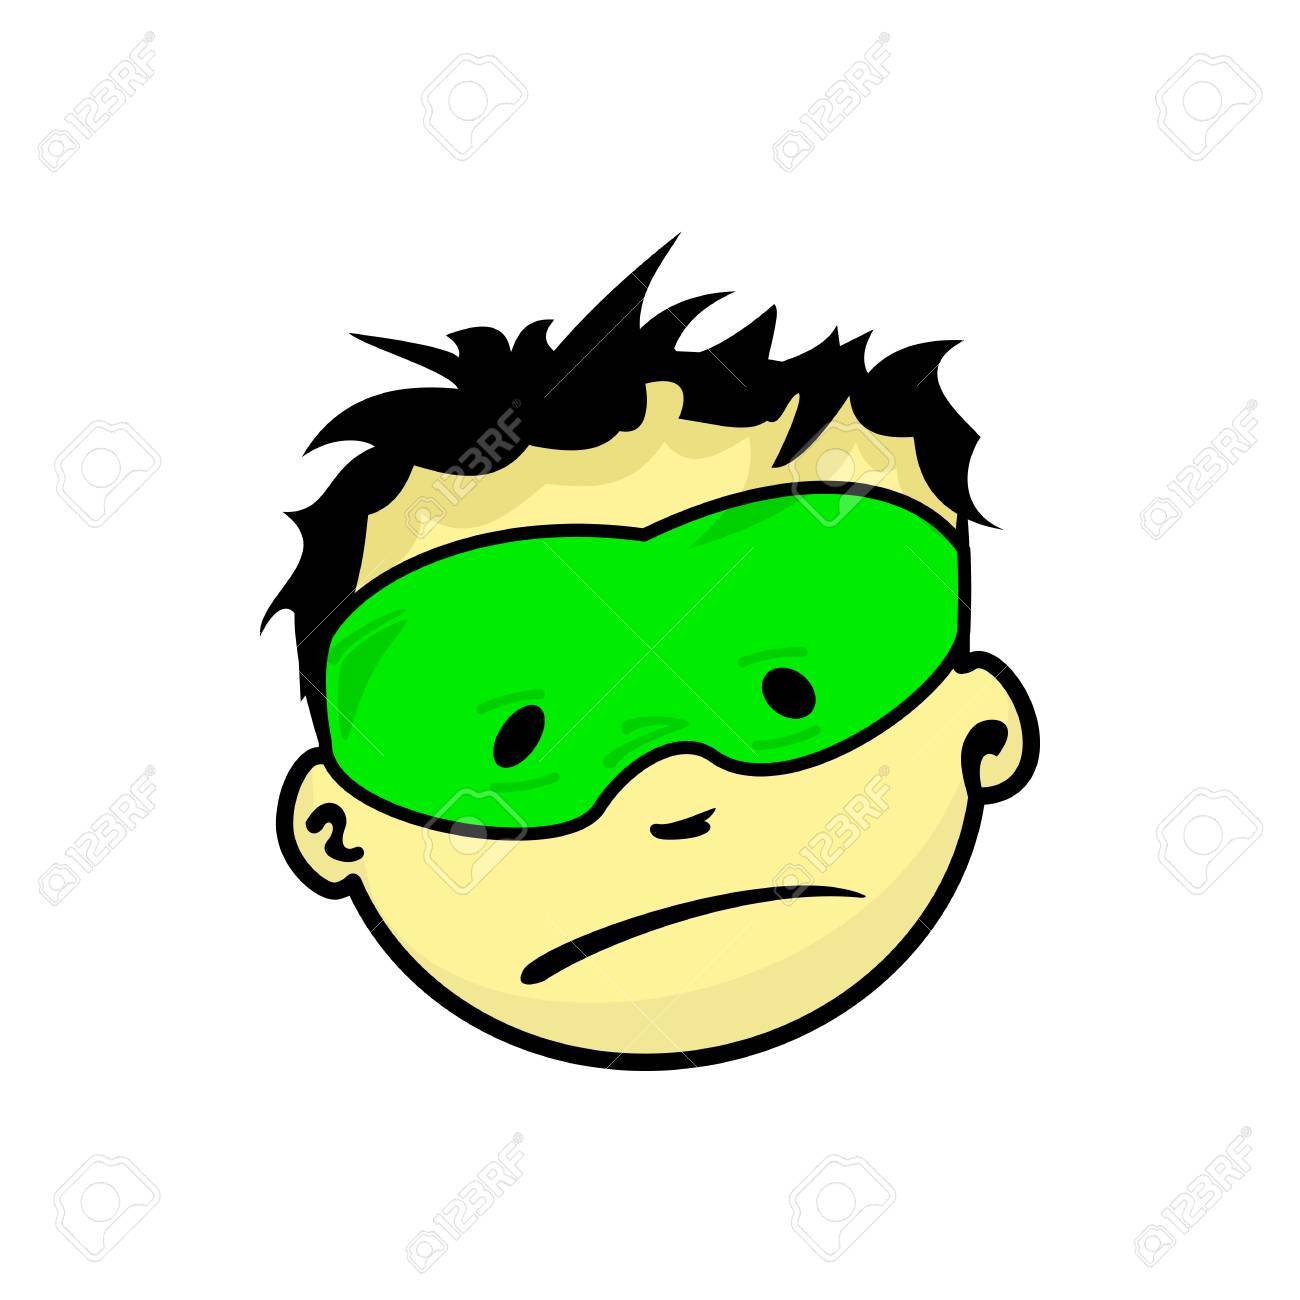 Jeune Expression Du Visage Super Homme Masqué Vecteur De Dessin Animé Illustrations Isolé Sur Fond Blanc Beau Visage Icônes Garçon Emoji